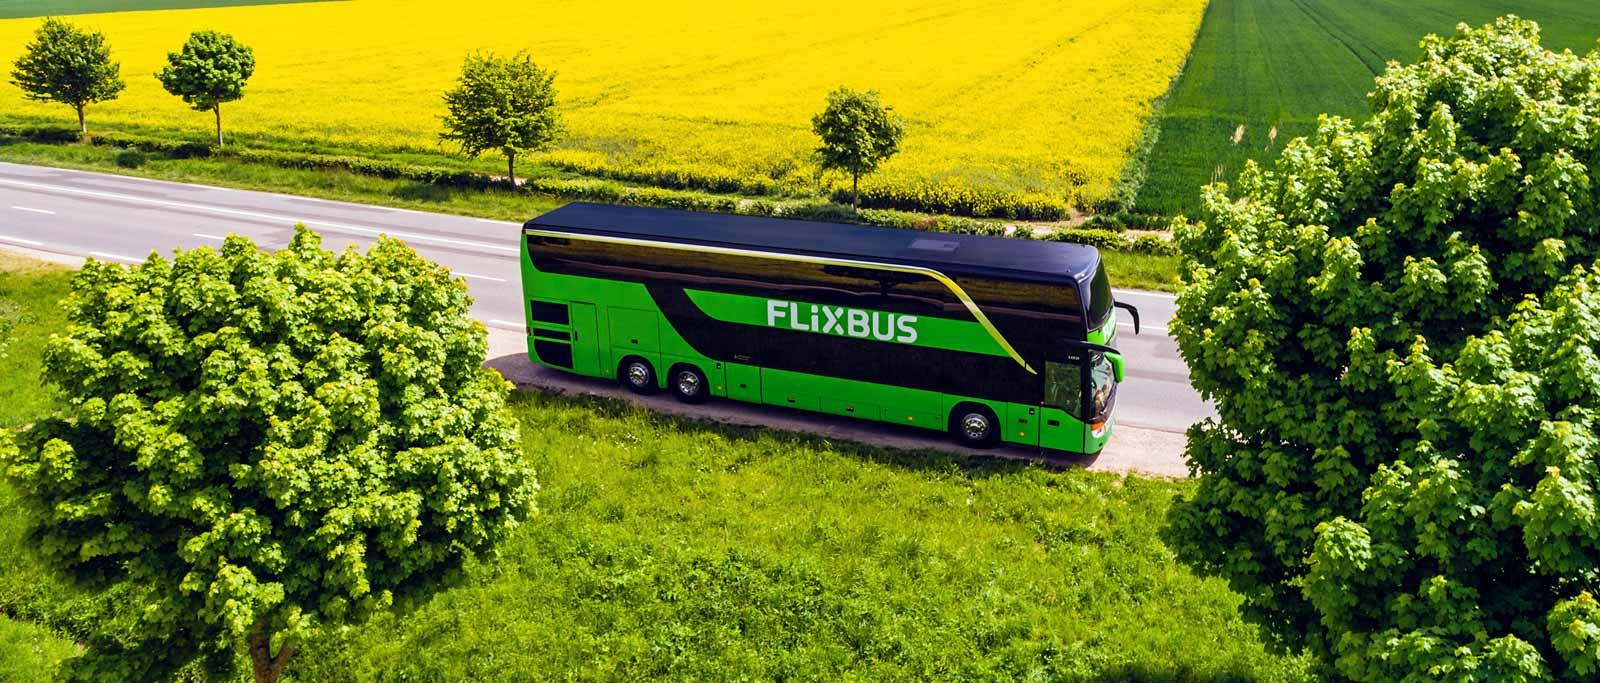 Flixbus zaczął sprzedawać bilety do krajów bałtyckich i do Polski! od 5 eur